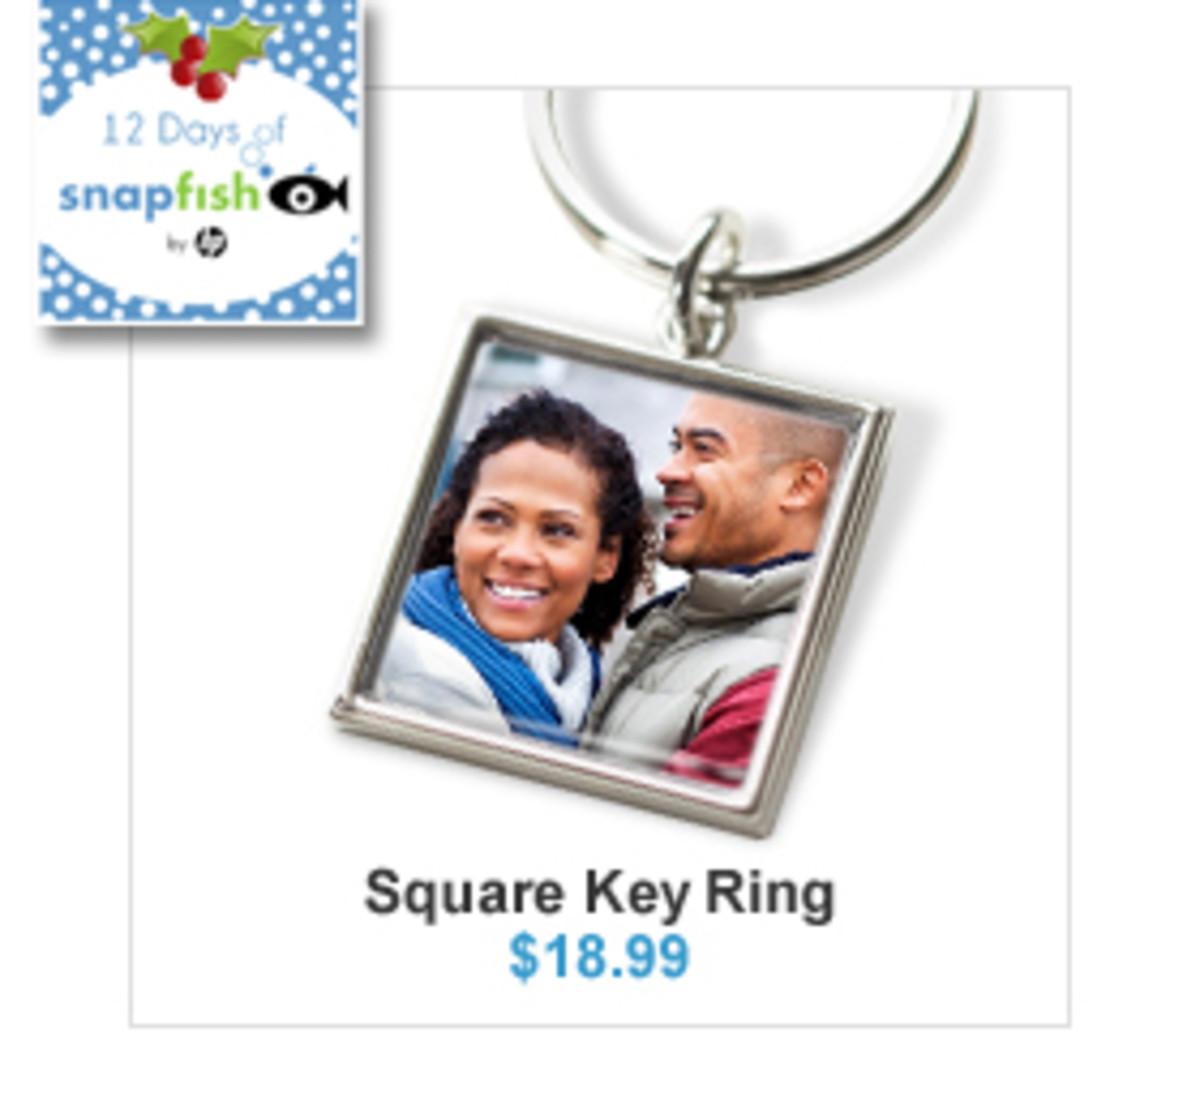 SquareKeyRing